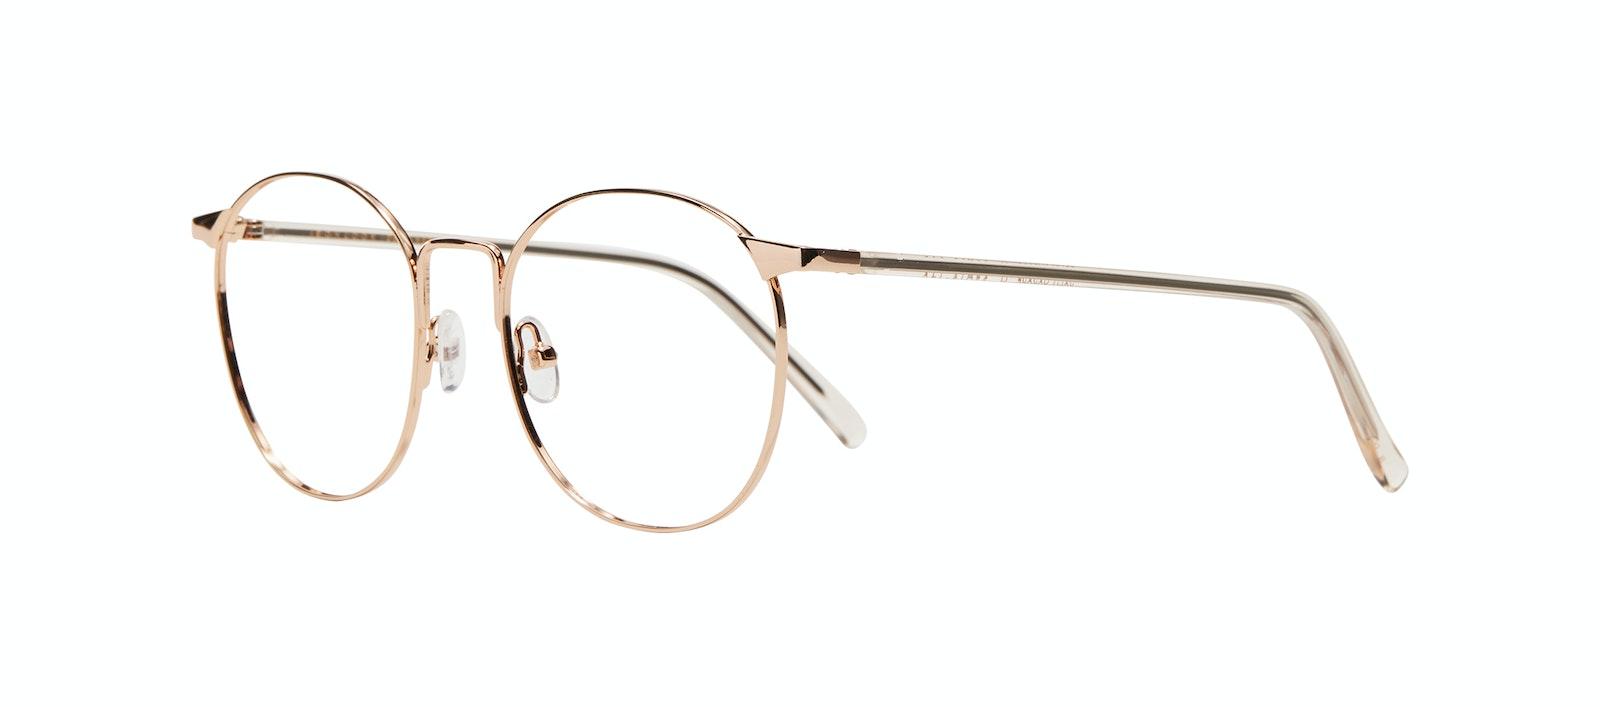 Affordable Fashion Glasses Round Eyeglasses Women Romy Aurore Tilt